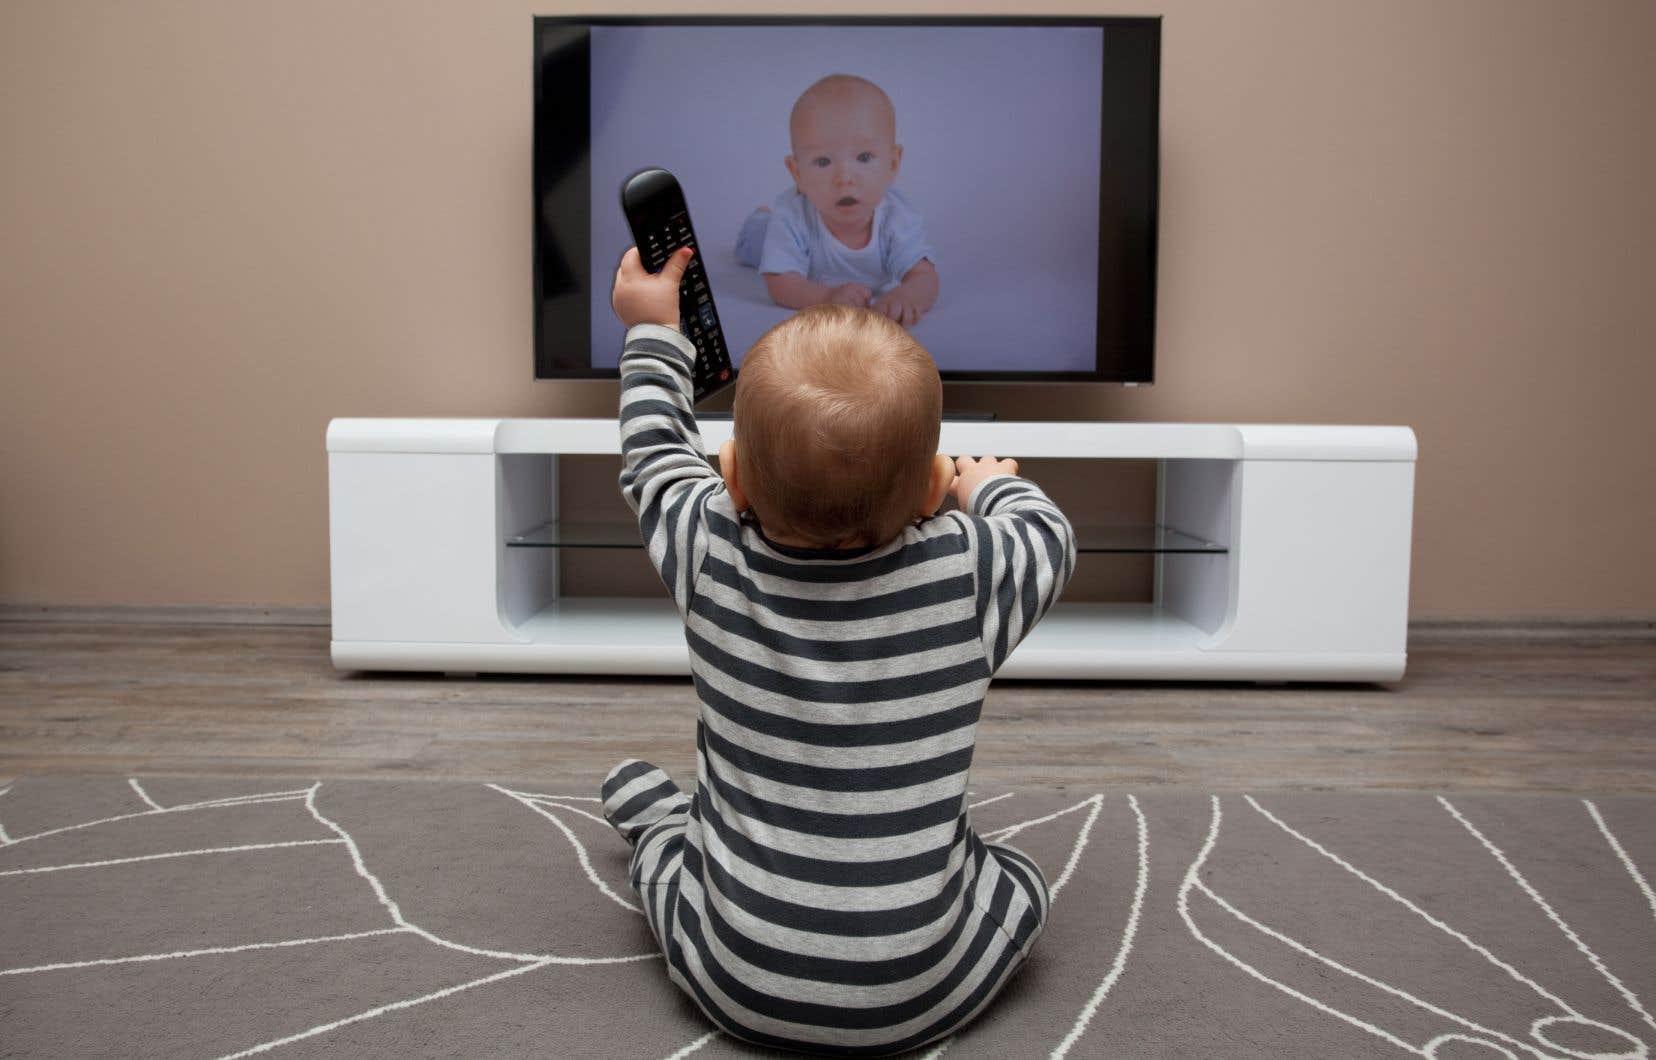 Aux États-Unis, l'Association américaine des pédiatres (APA) a conseillé officiellement d'interdire les écrans avant l'âge d'un an et demi.